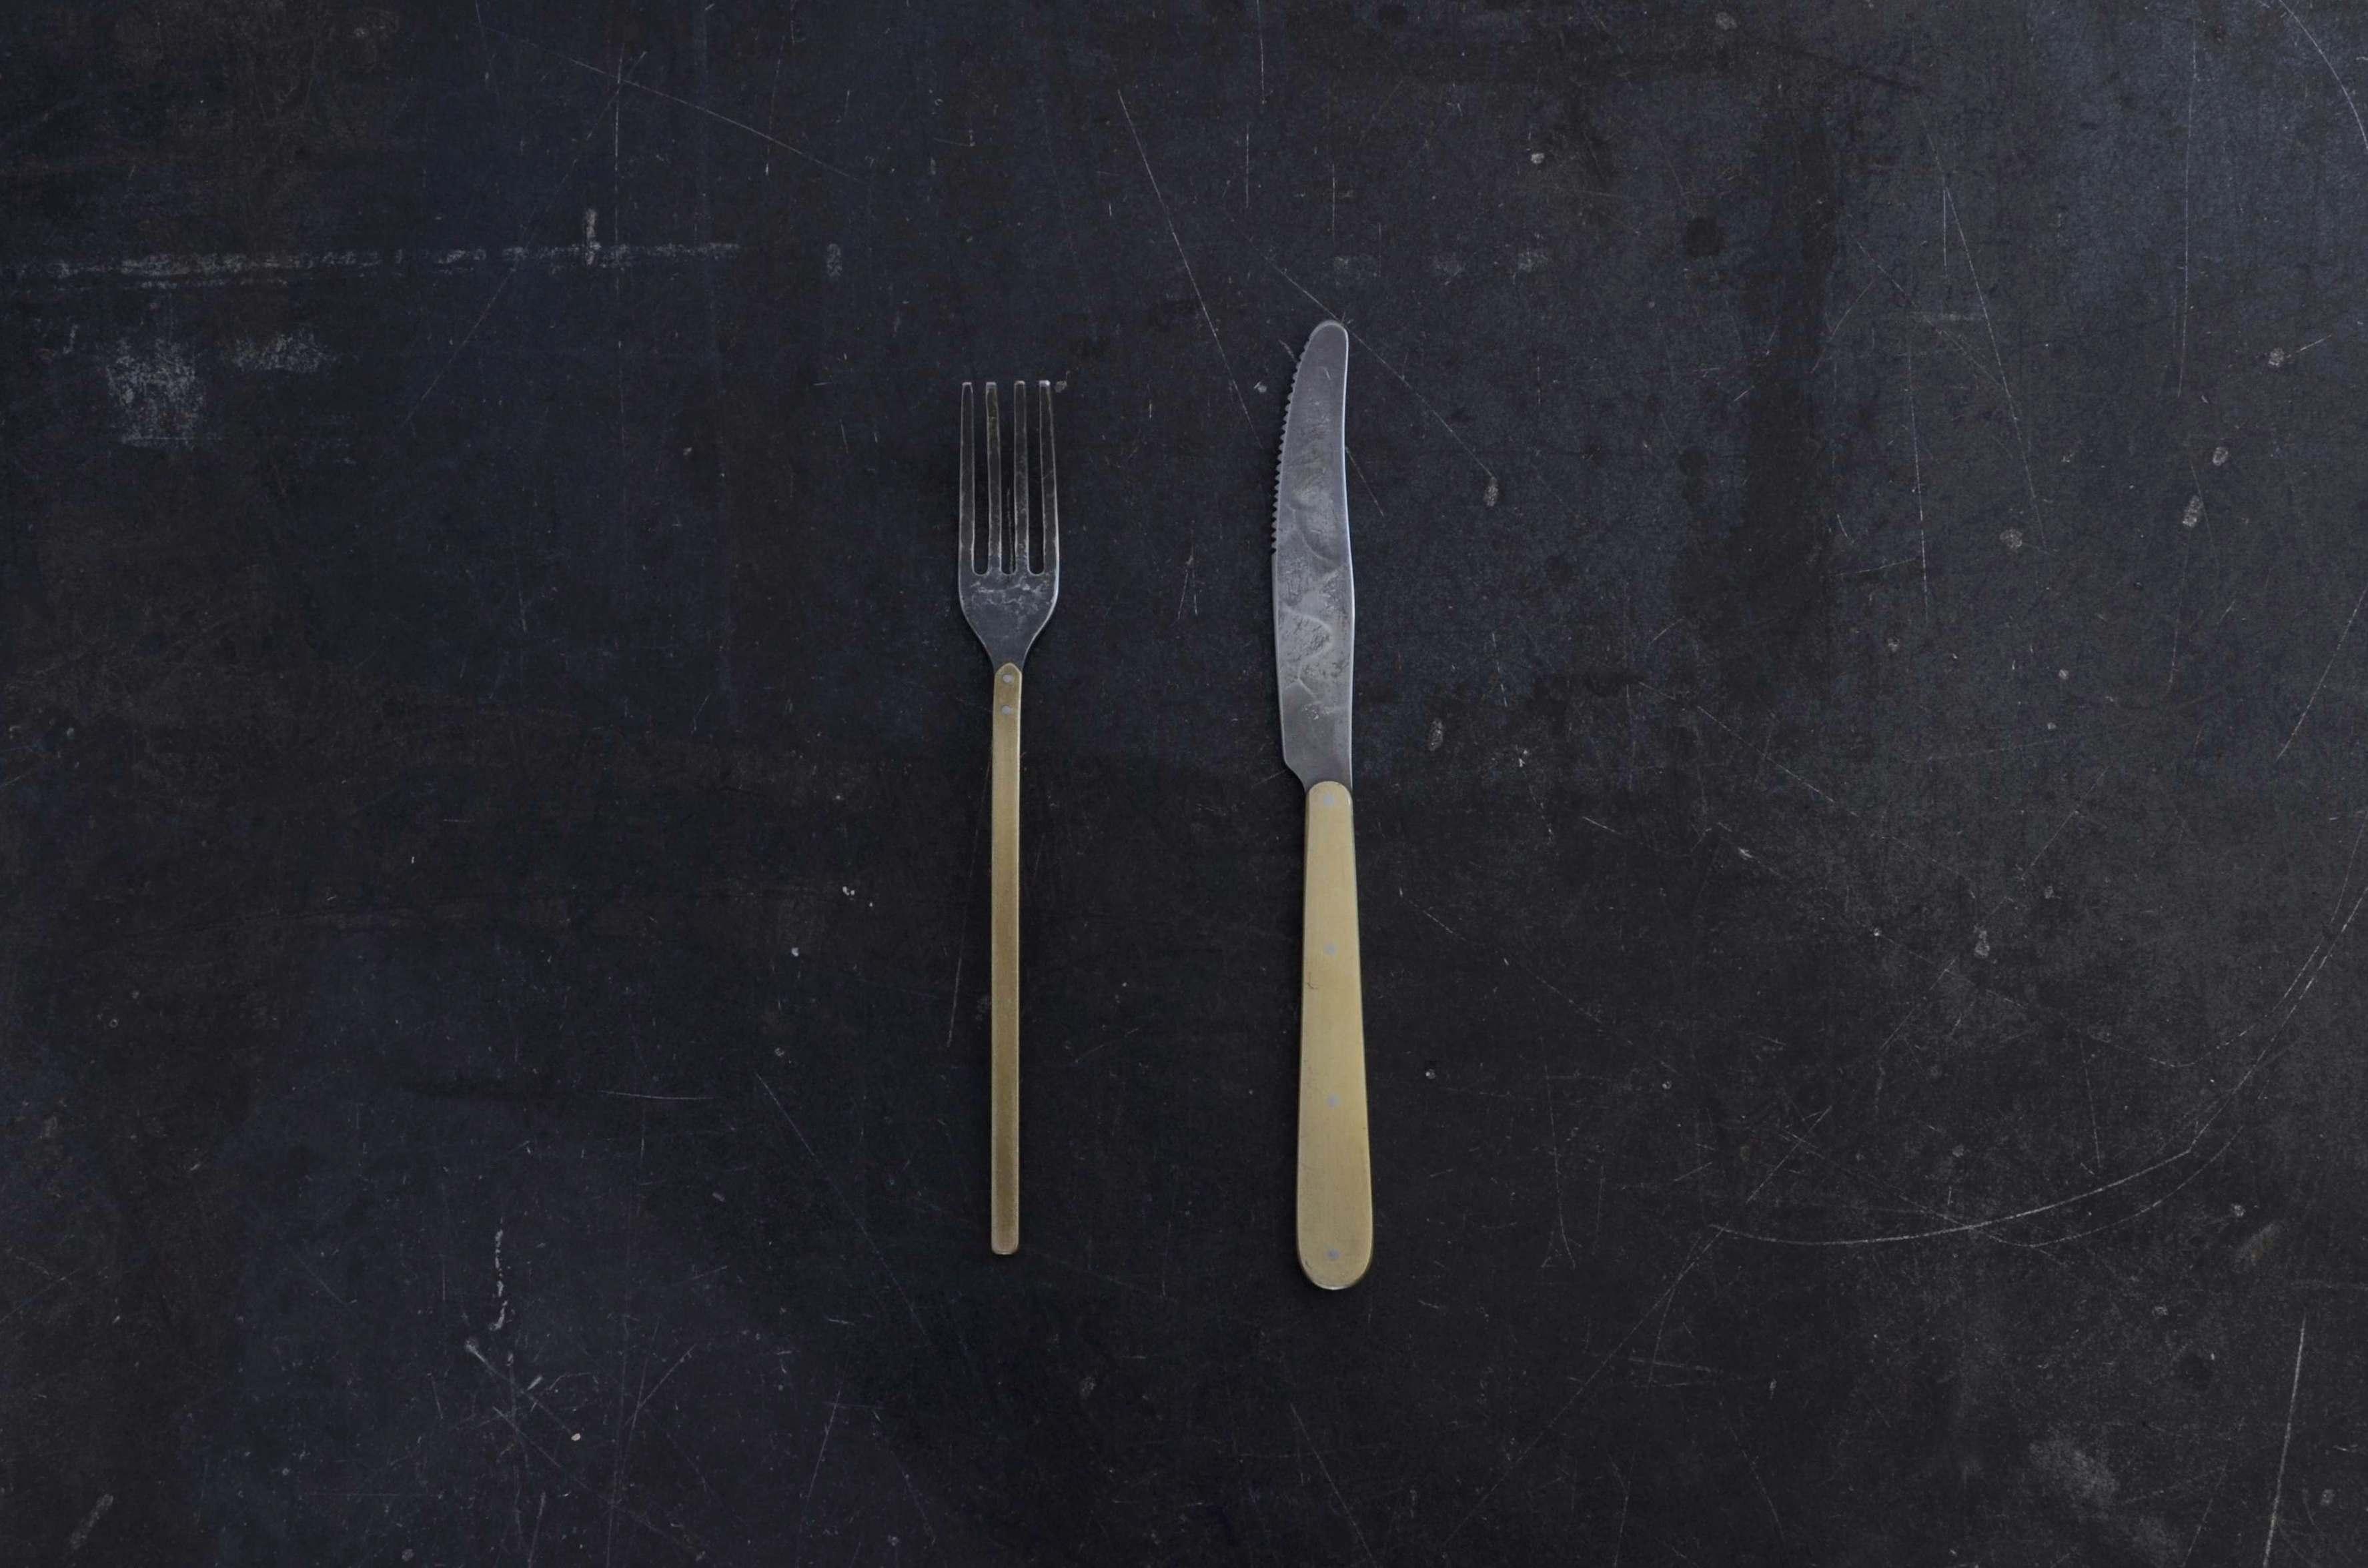 Dessert fork / Dessert knife